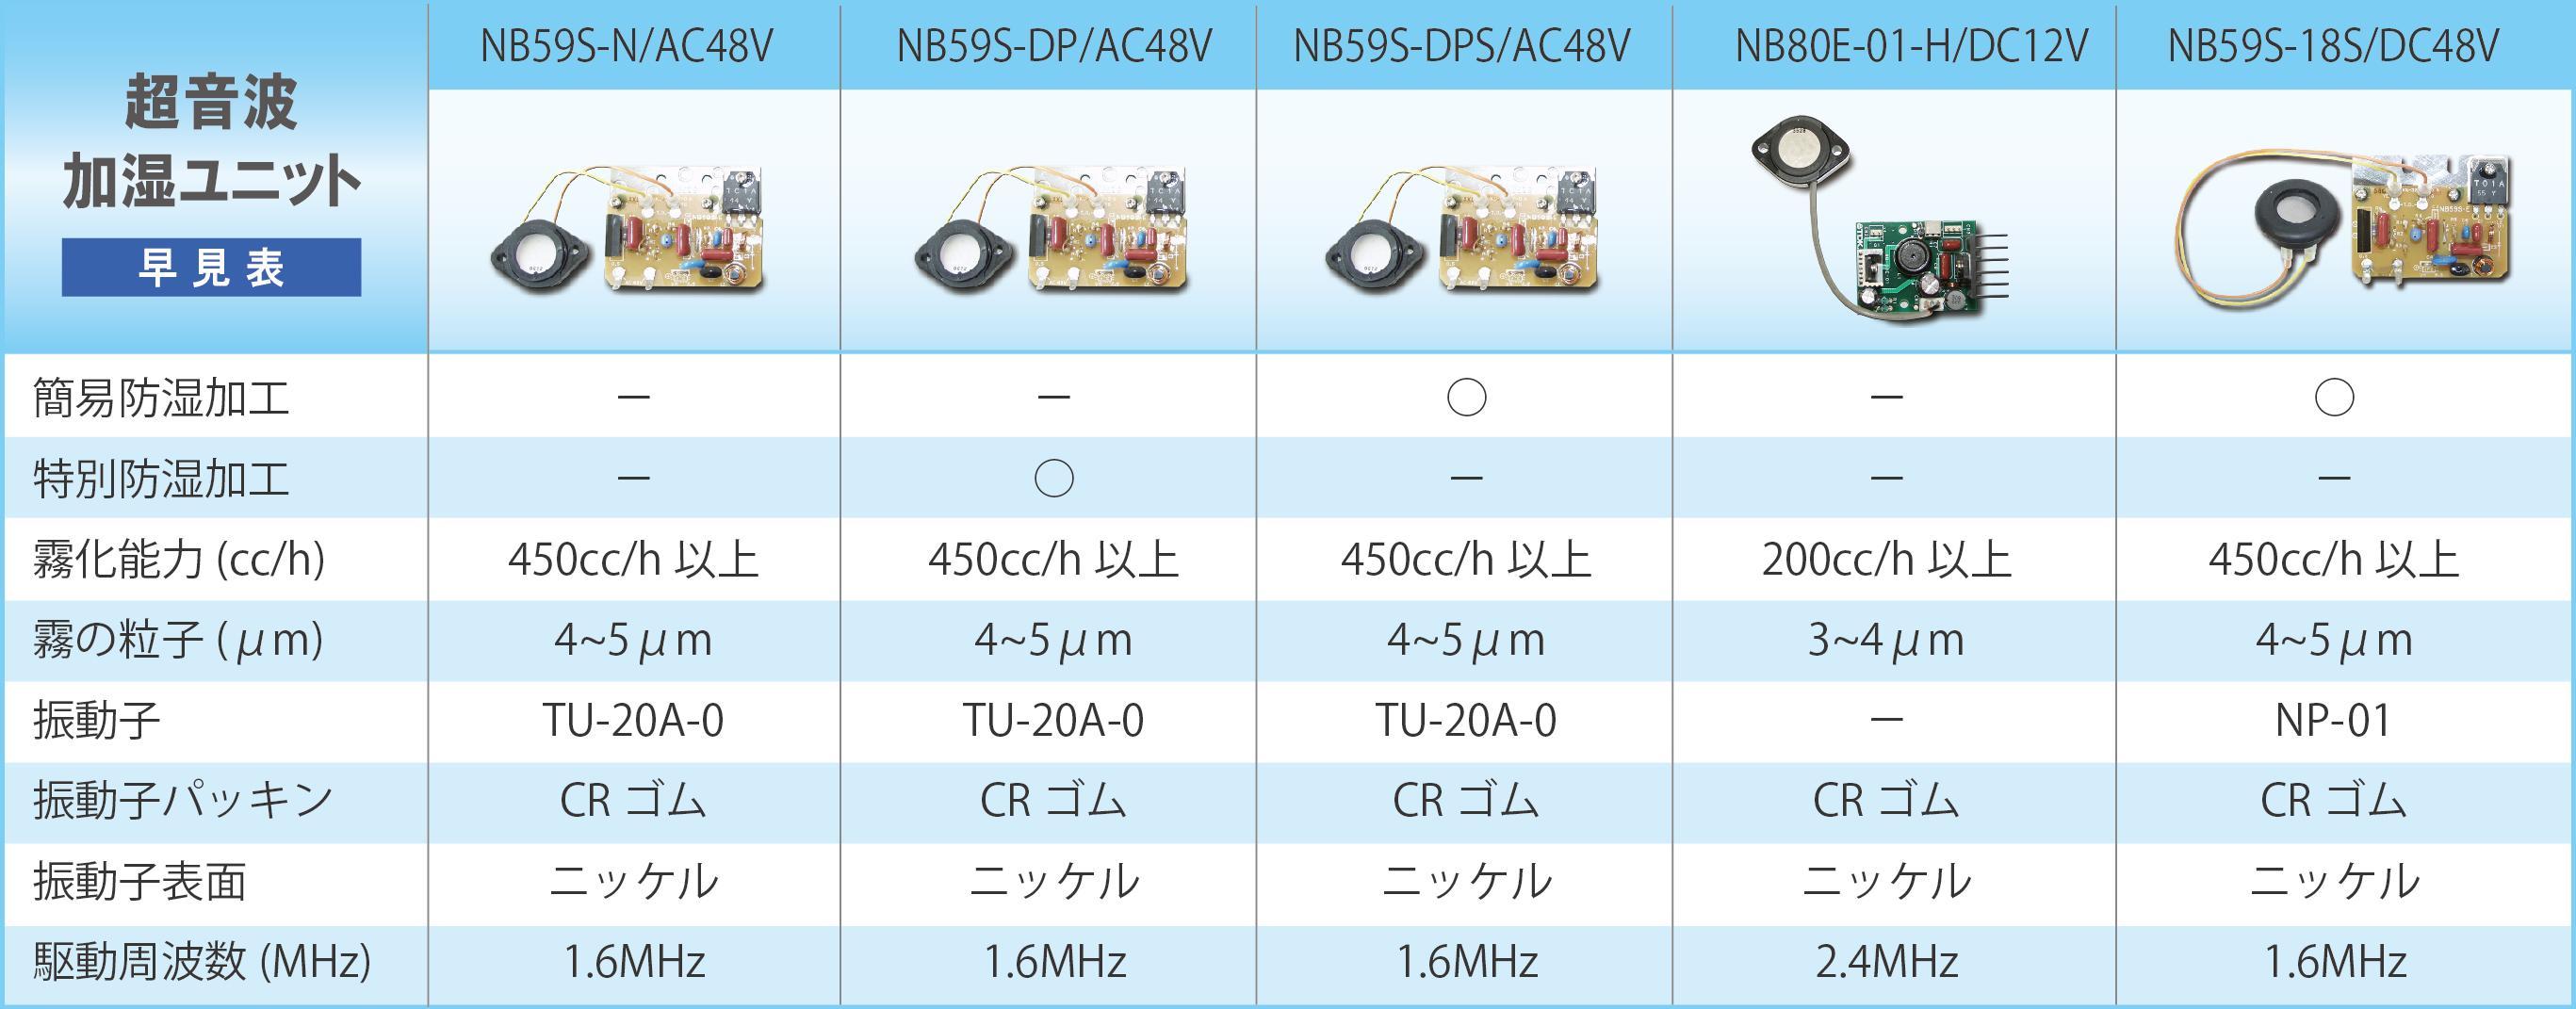 NBシリーズ早見表_20170725